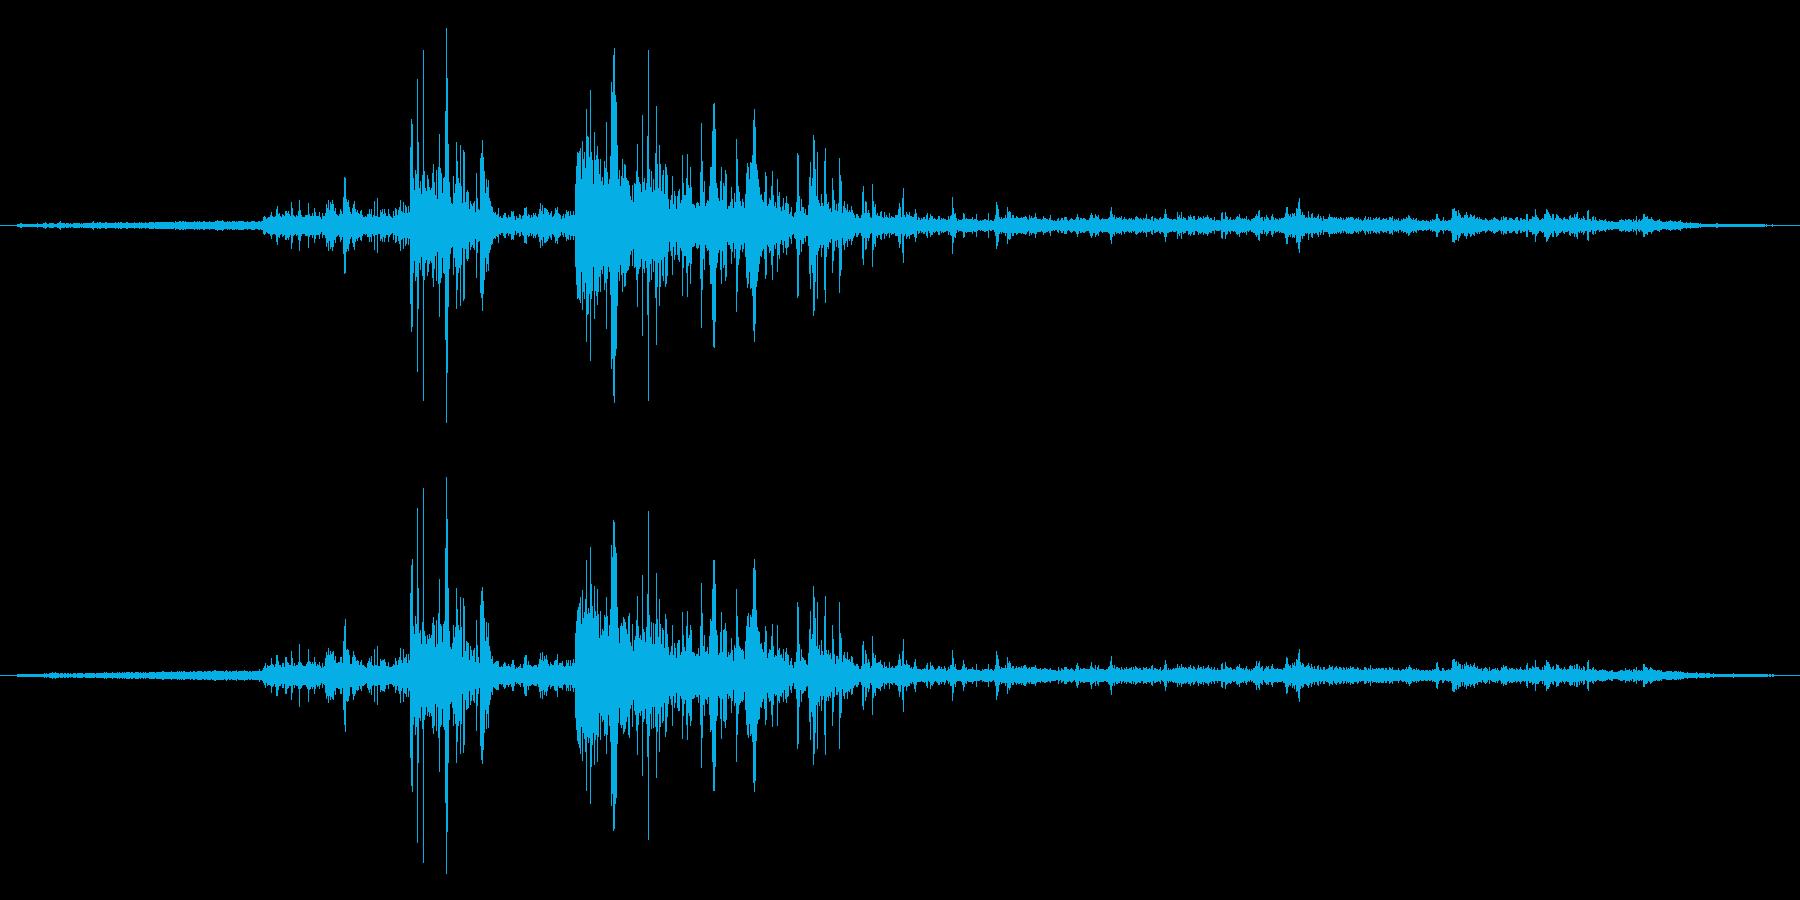 夏場の雷鳴音 (蝉の声と鳥の声入り)の再生済みの波形